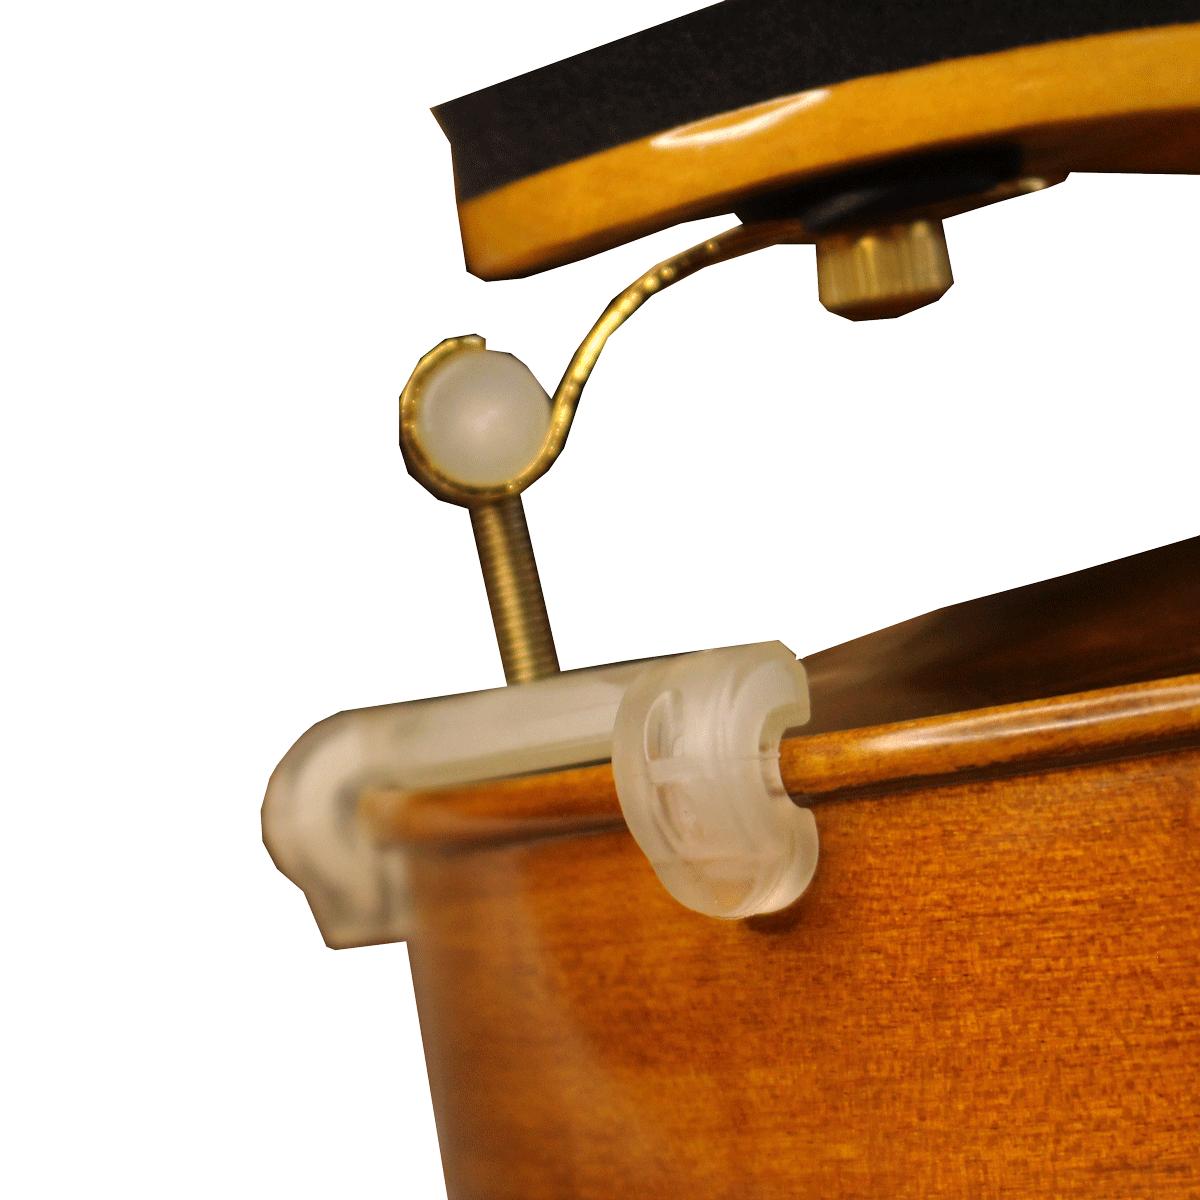 Par de Garras para Espaleira De Violino/Viola